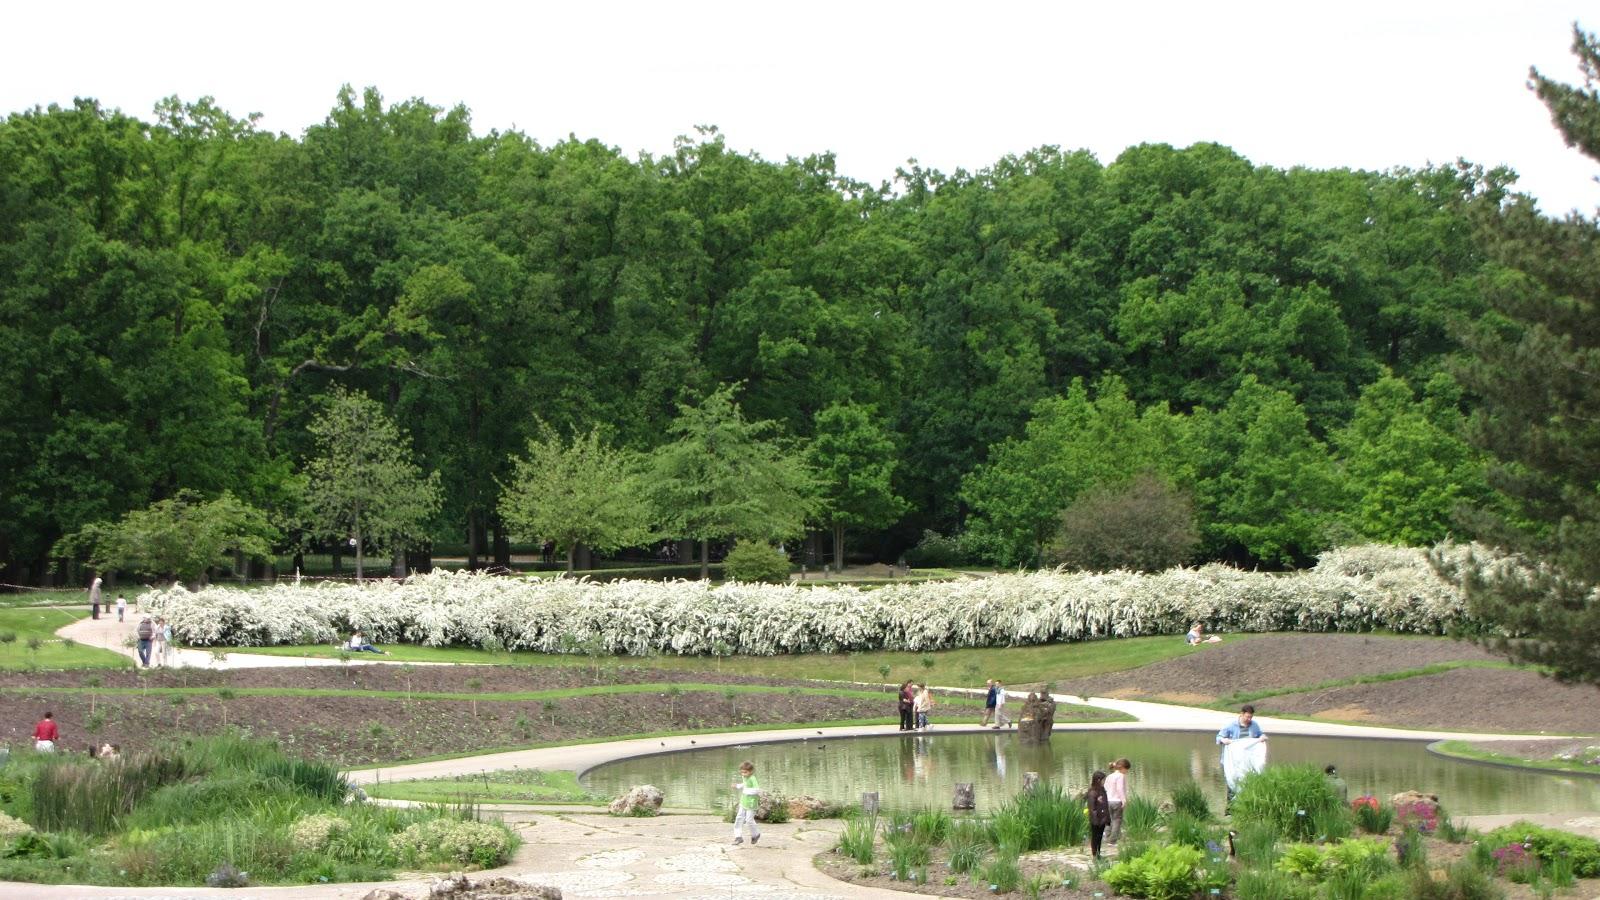 Parc Floral Bois De Vincennes - Éclectique Le Parc Floral du bois de Vincennes